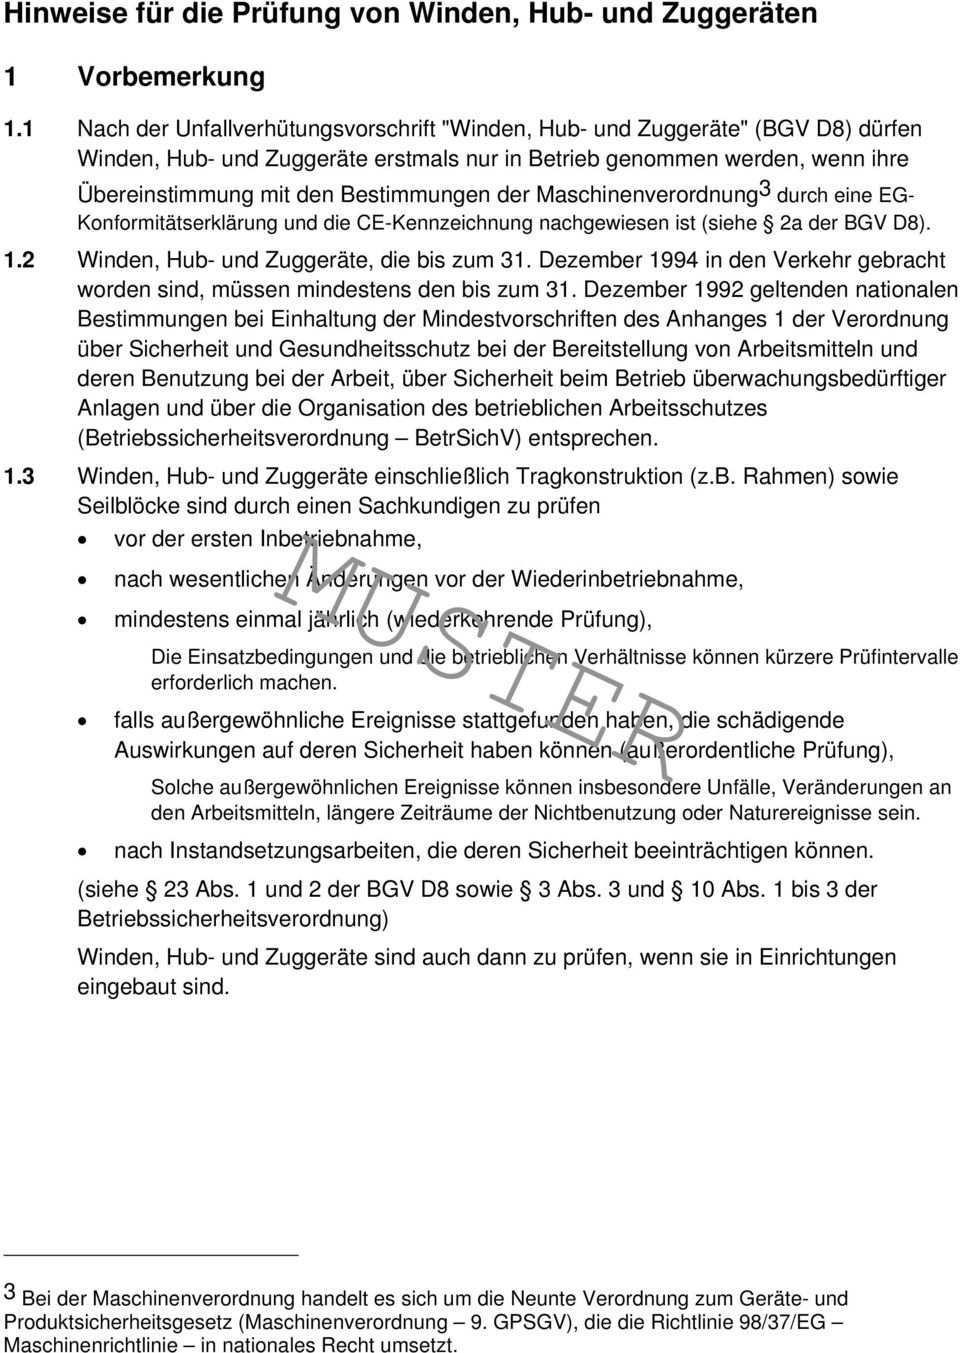 Muster Hersteller Baujahr Typ Fabrik Nr Bezeichnung Des Gerates Zusatzbaugruppen Serien Nr Inventar Nr Pdf Kostenfreier Download